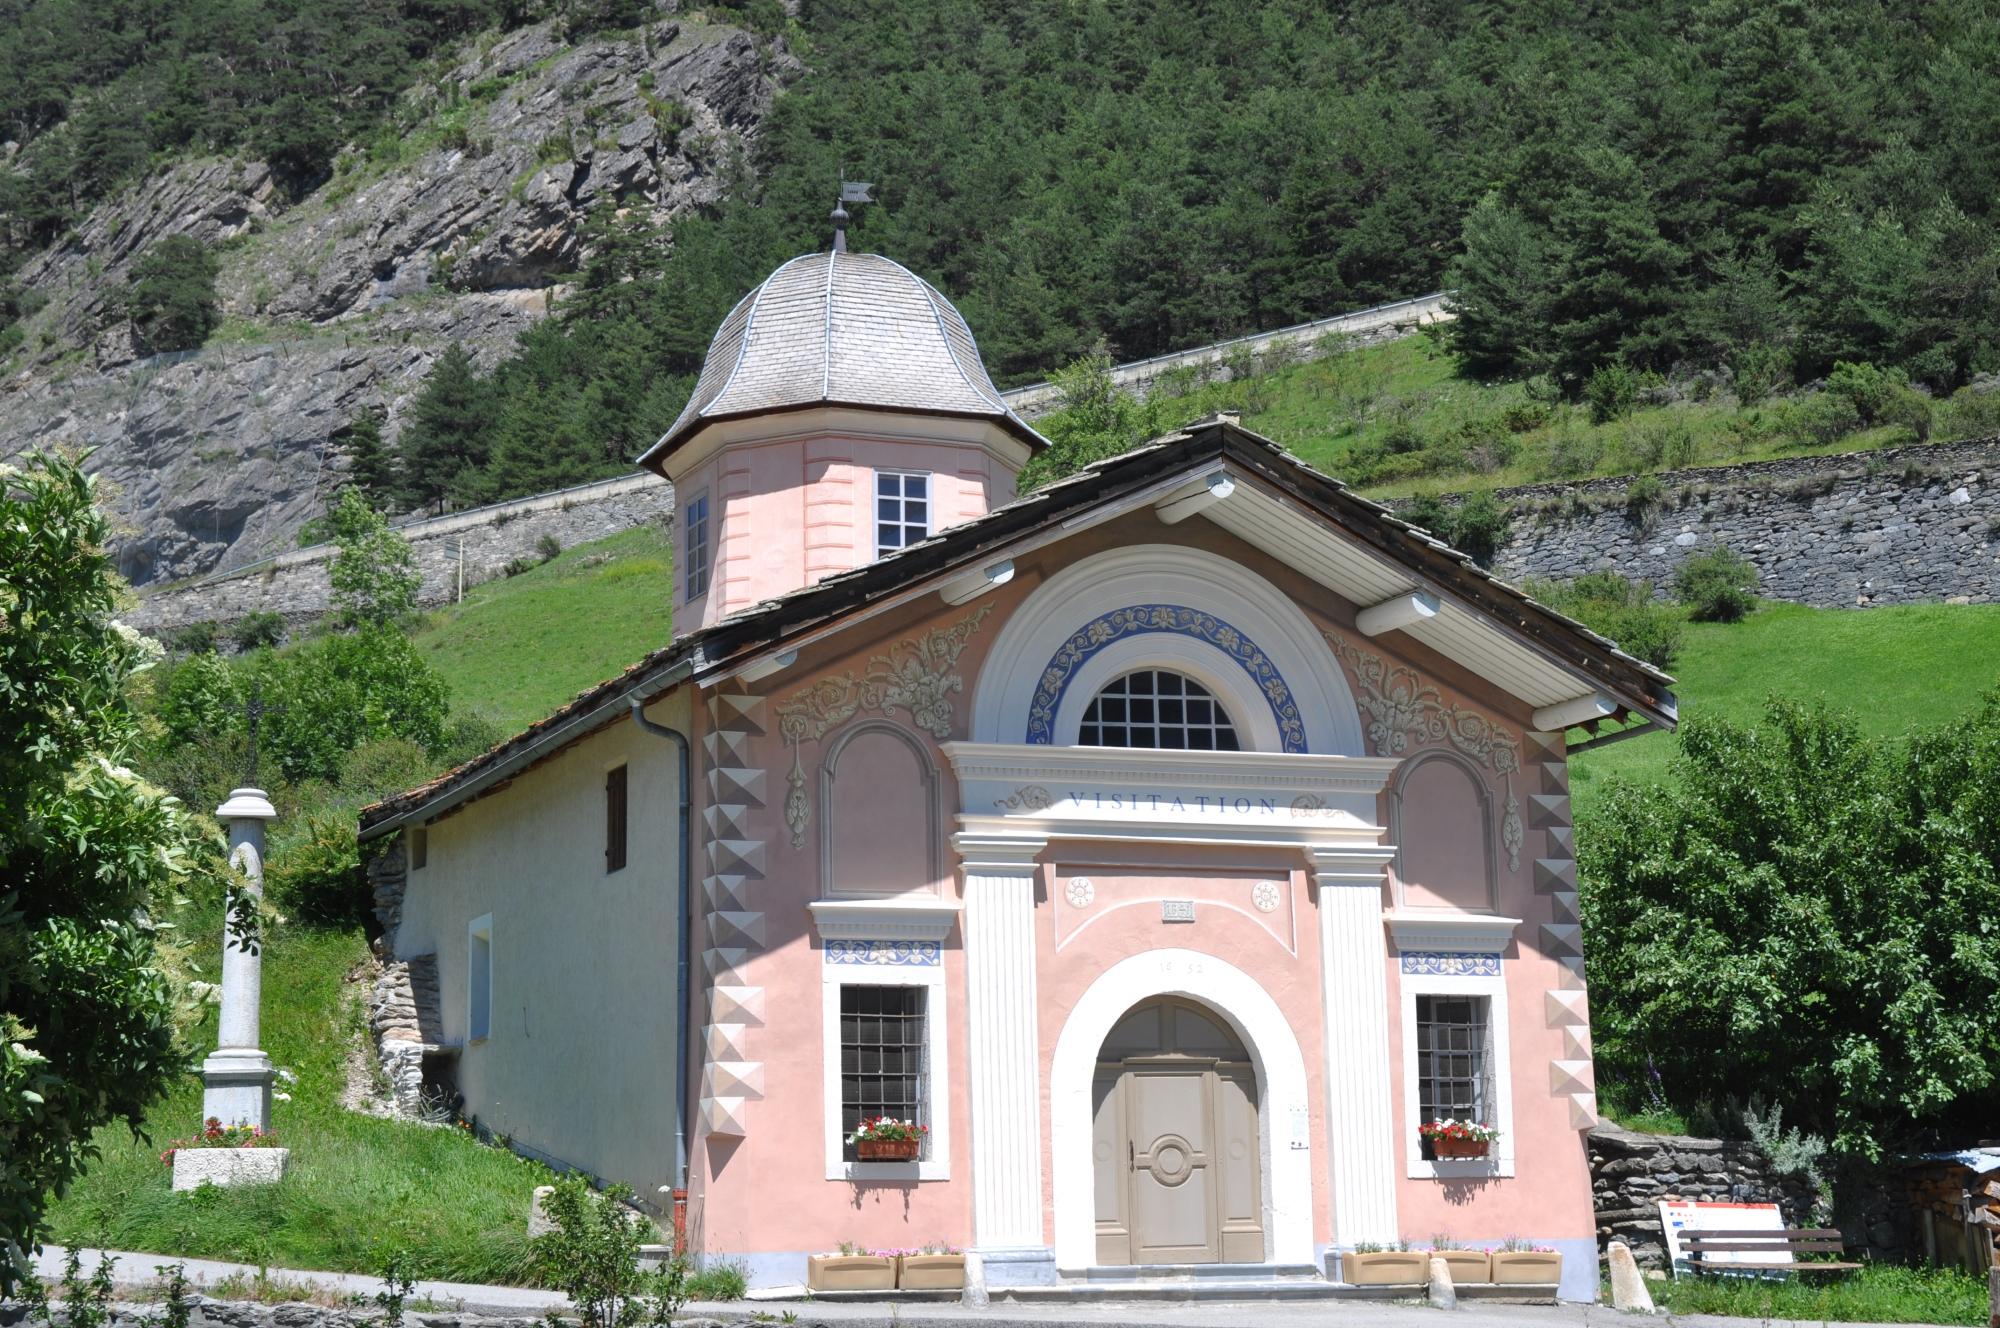 Photo à Termignon (73500) : Chapelle de la Visitation - Termignon ...